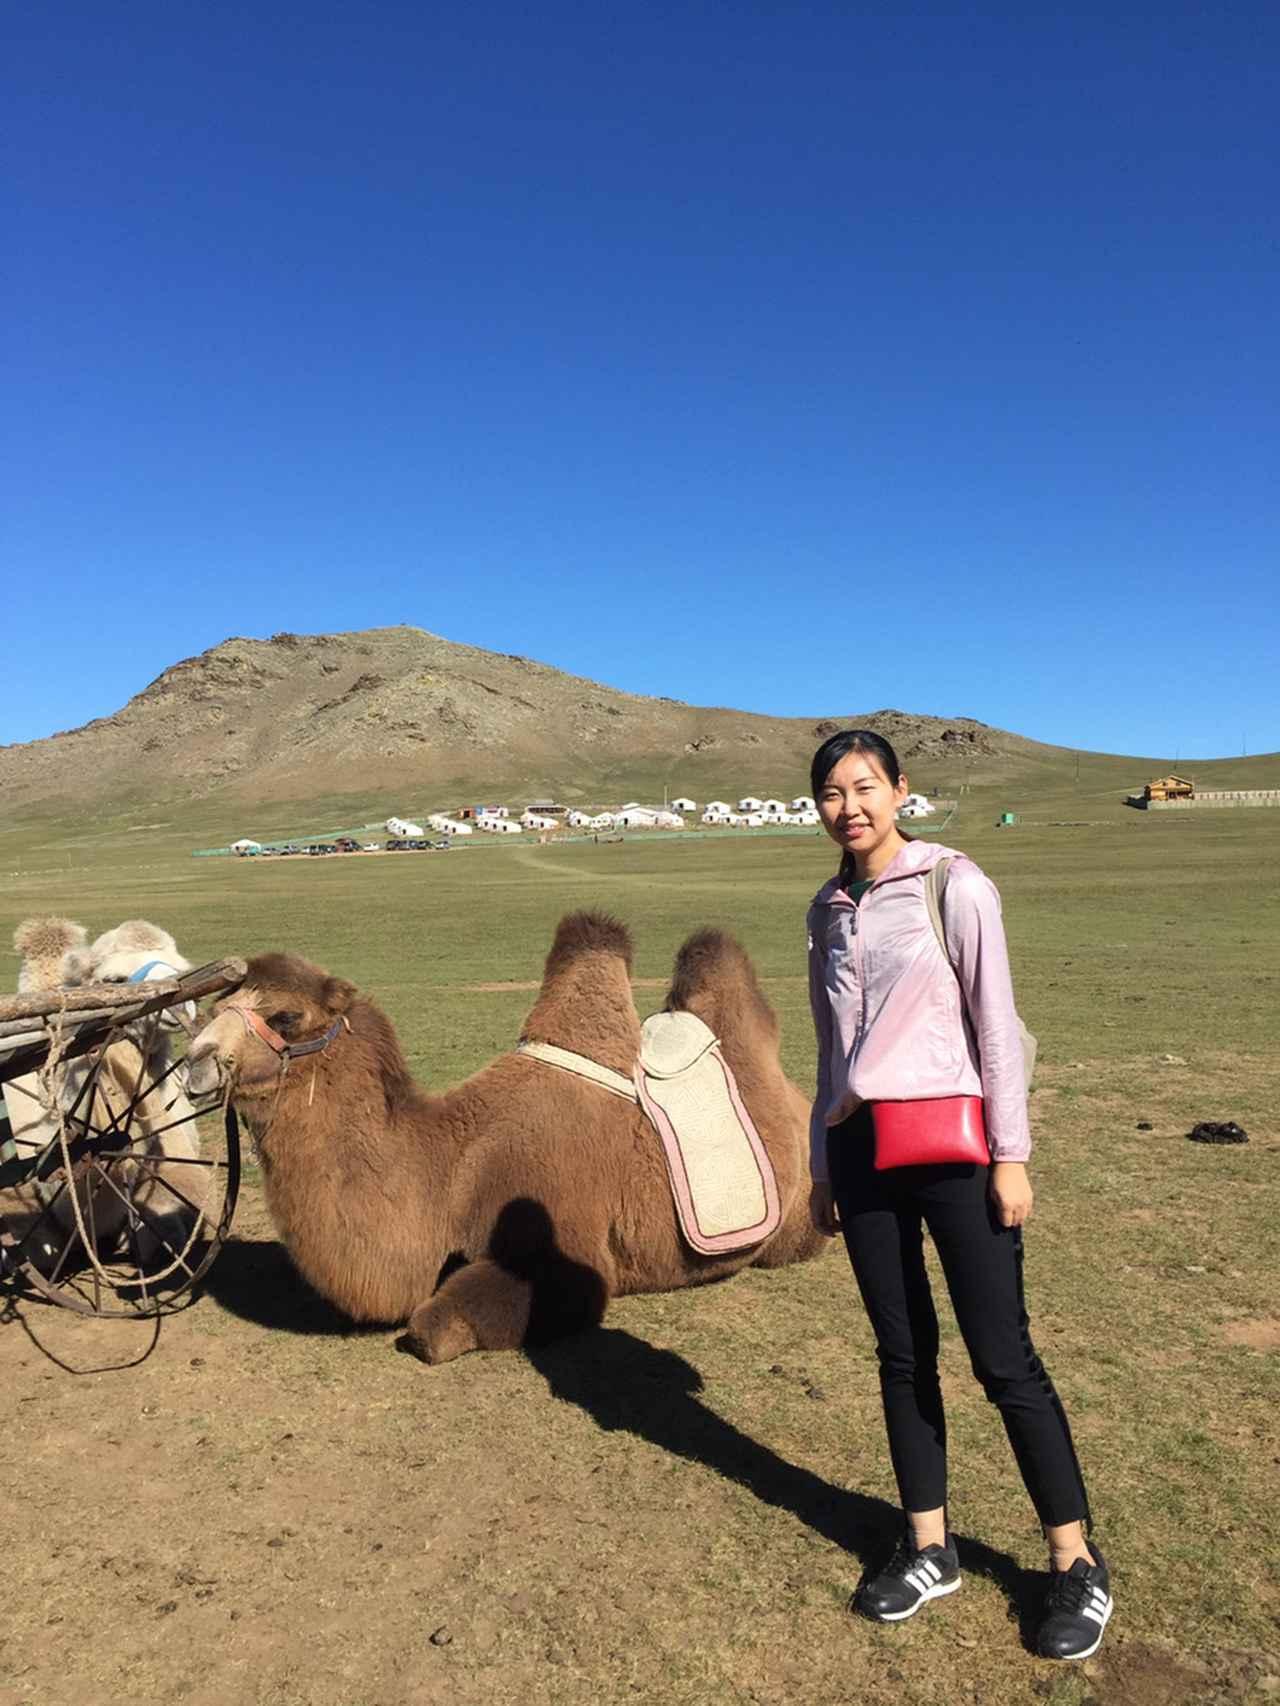 画像1: 【モンゴル】遊牧民の家庭訪問♪モンゴルの大草原から生中継!オンラインツアーを実施しました!